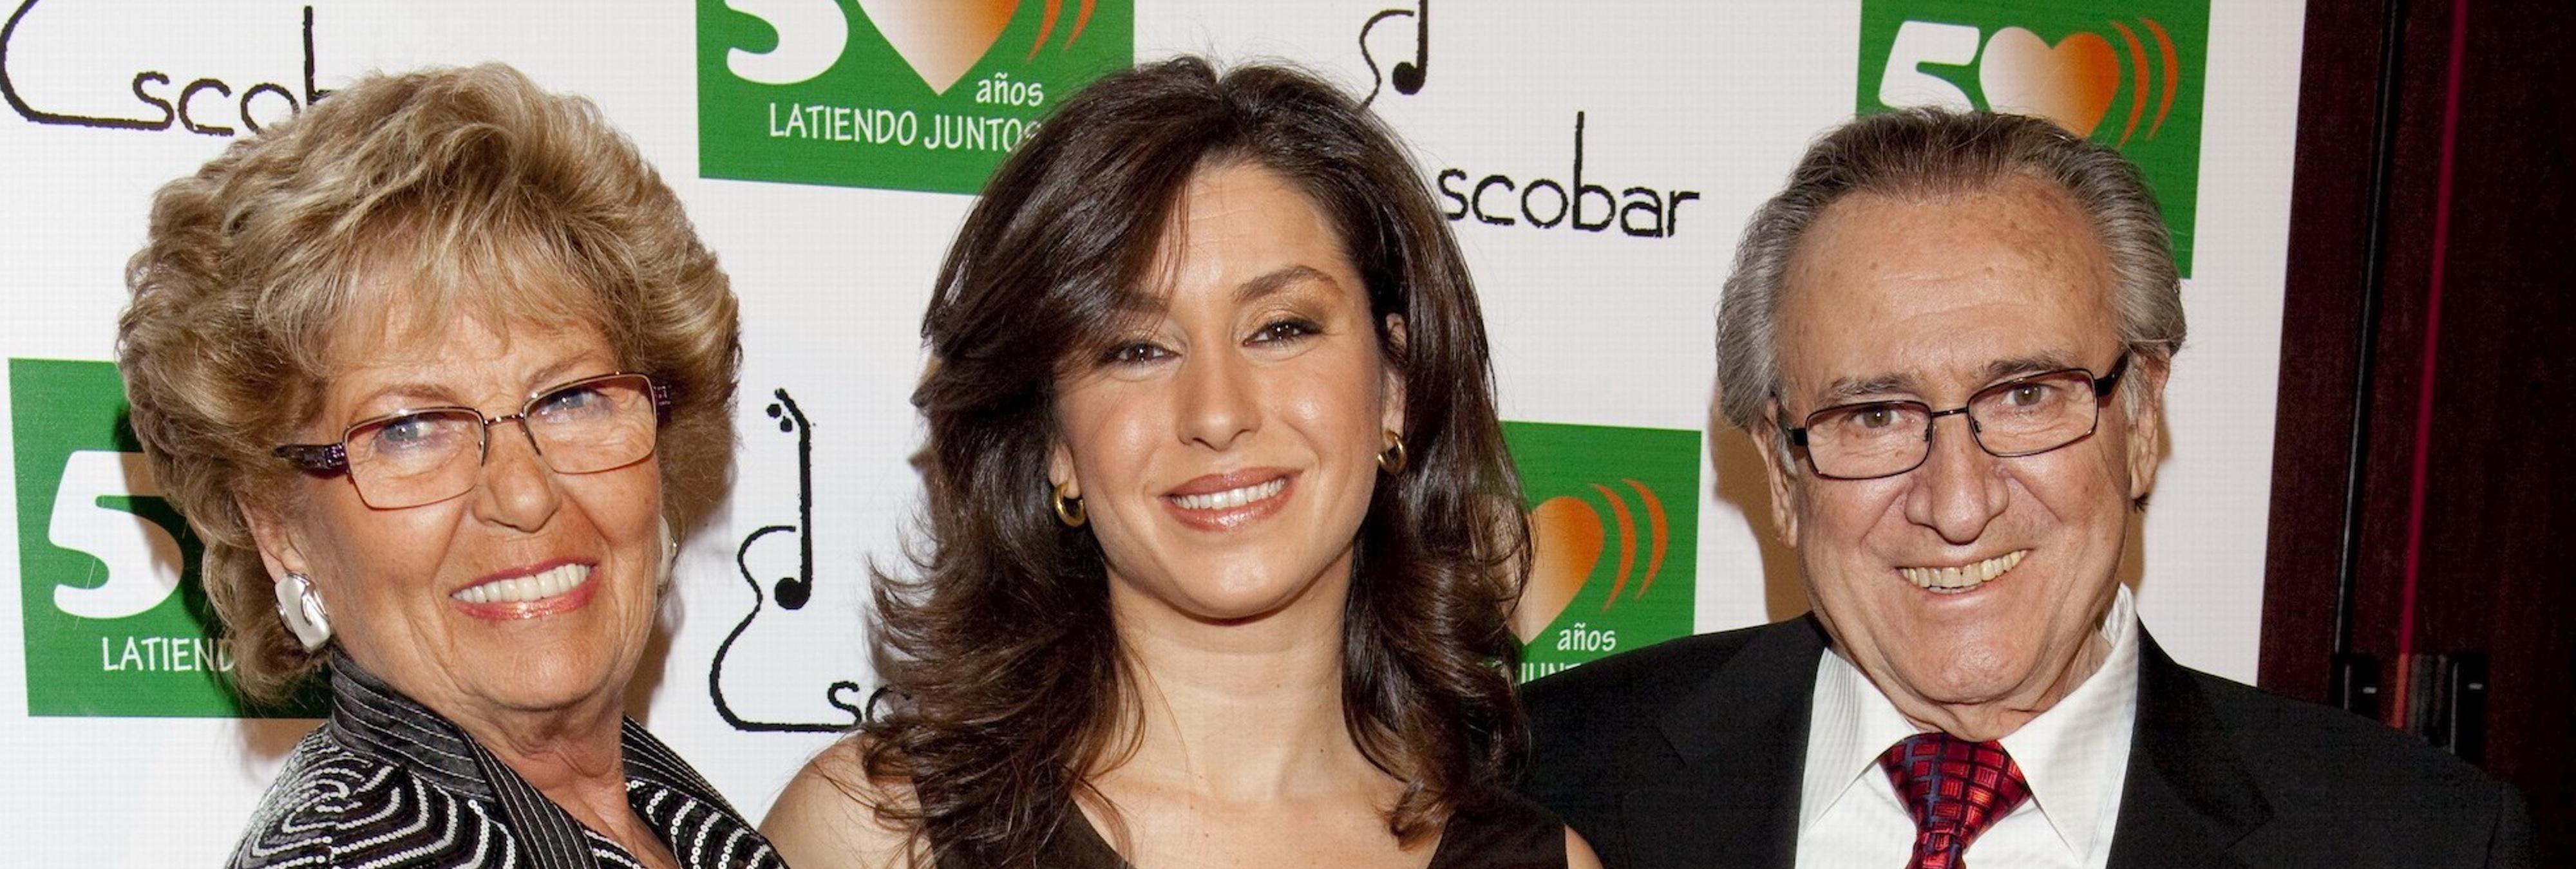 Una asturiana pide al juzgado que se le reconozca como hija de Manolo Escobar